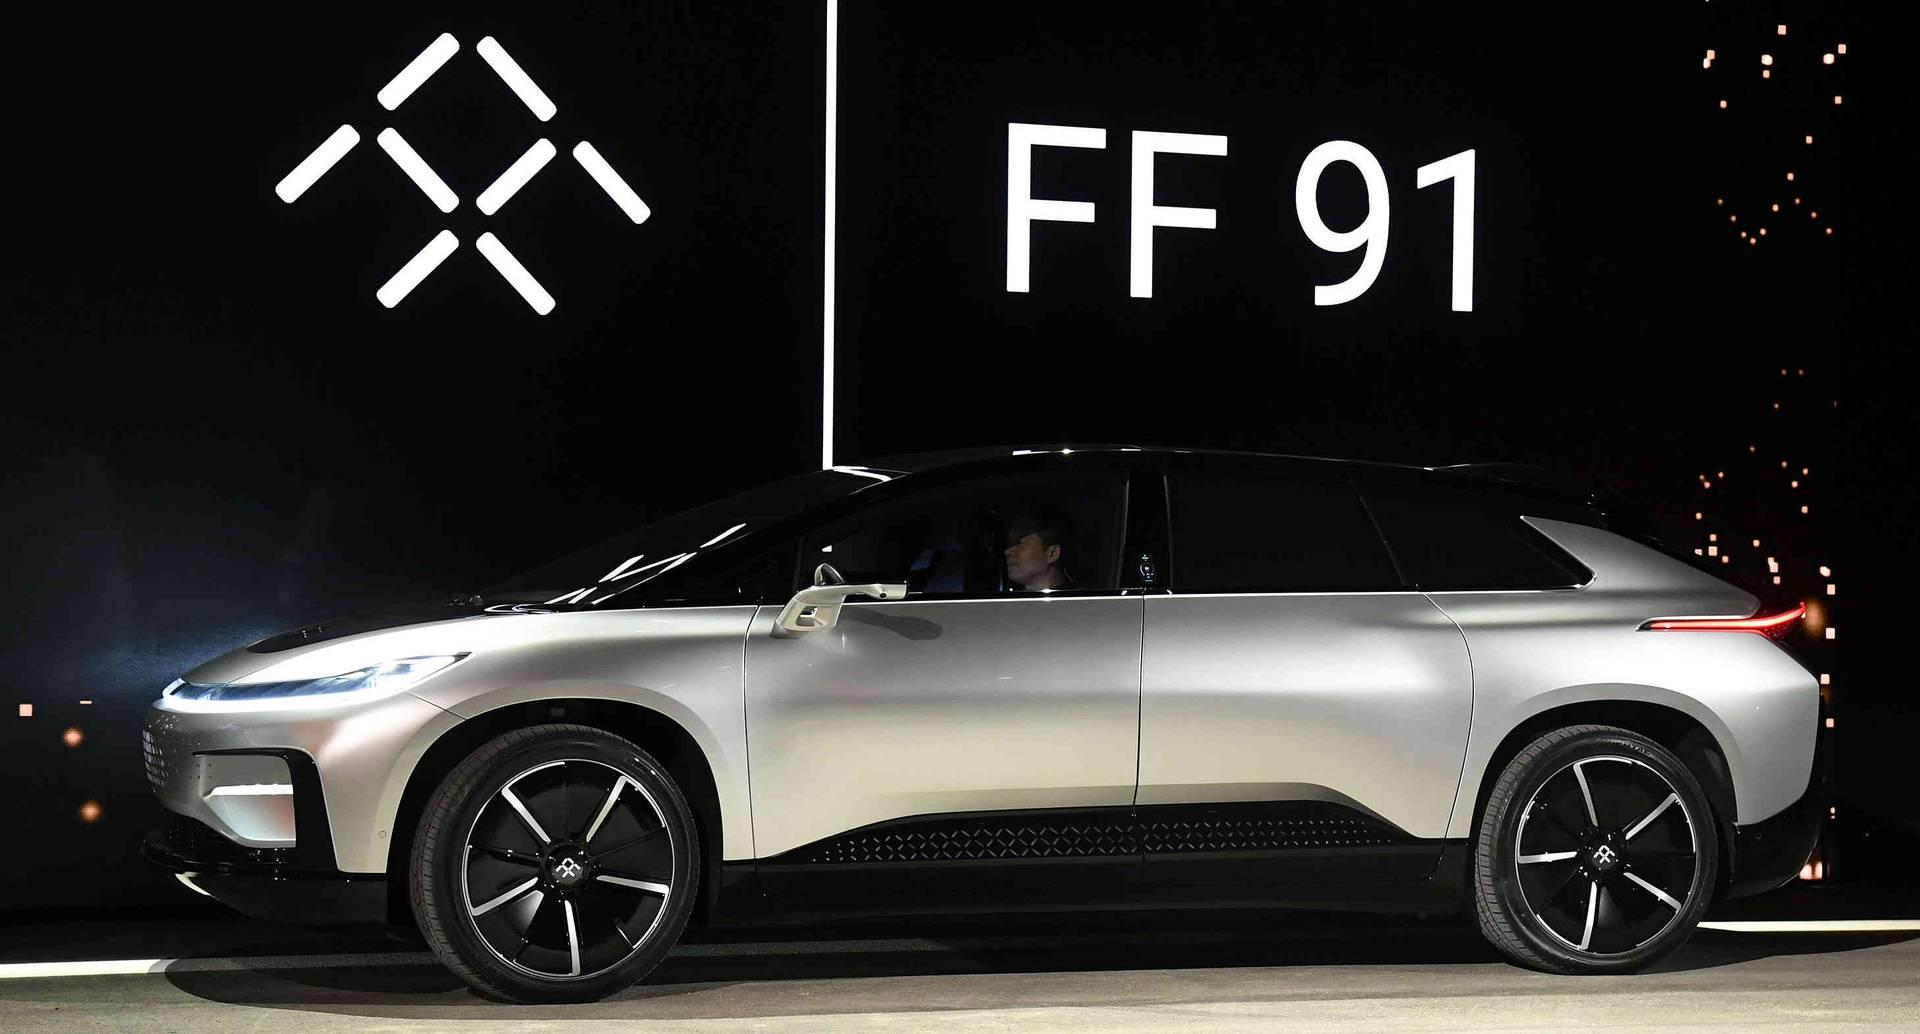 El FF91 es un auto autónomo que promete hacerle competencia al Tesla. Foto de AFP